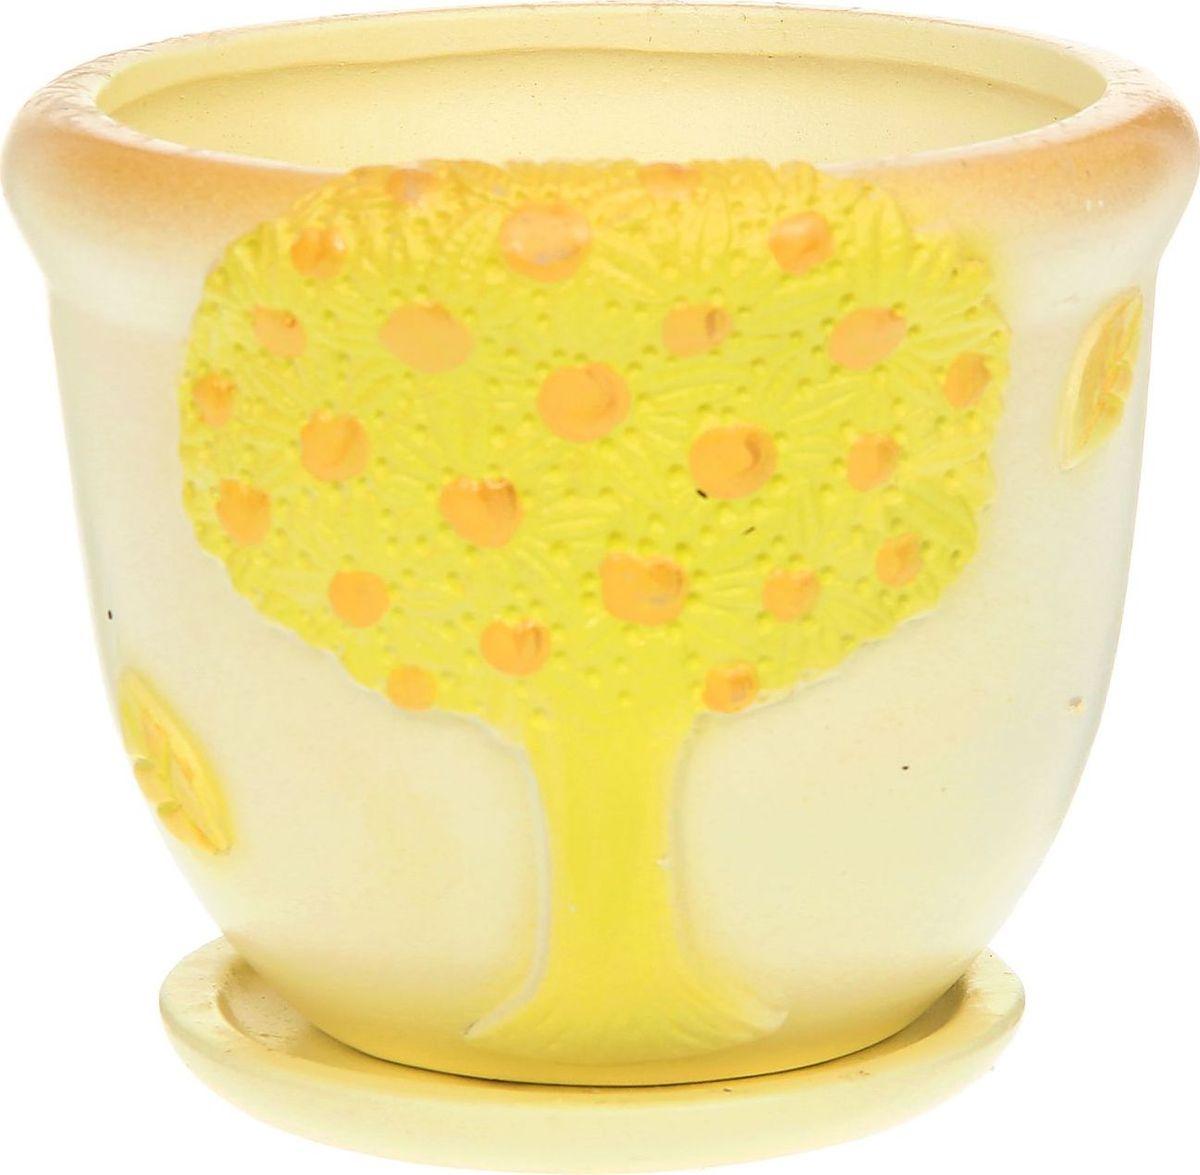 Кашпо Бутон, цвет: желтый, 1,5 л1172217Комнатные растения — всеобщие любимцы. Они радуют глаз, насыщают помещение кислородом и украшают пространство. Каждому из них необходим свой удобный и красивый дом. Кашпо из керамики прекрасно подходят для высадки растений: за счёт пластичности глины и разных способов обработки существует великое множество форм и дизайновпористый материал позволяет испаряться лишней влагевоздух, необходимый для дыхания корней, проникает сквозь керамические стенки! #name# позаботится о зелёном питомце, освежит интерьер и подчеркнёт его стиль.